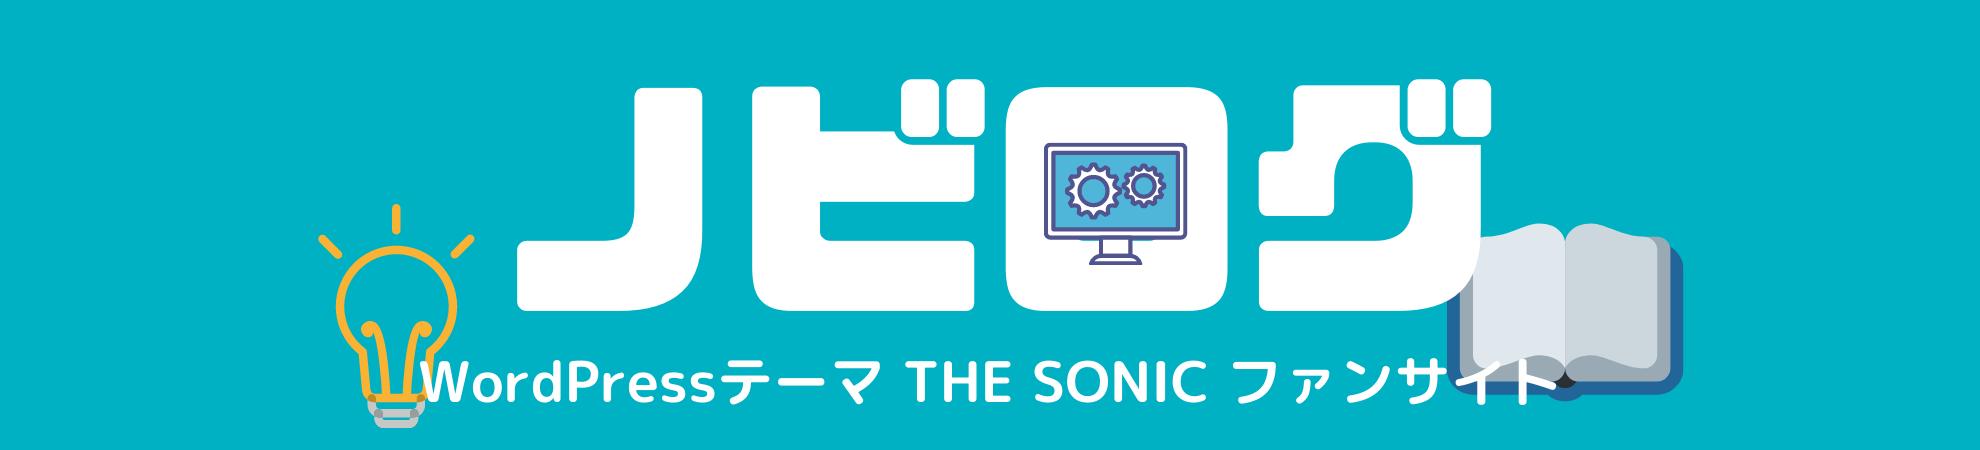 ノビログ|WordPressテーマ「THE SONIC(ザ・ソニック)」ファンサイト